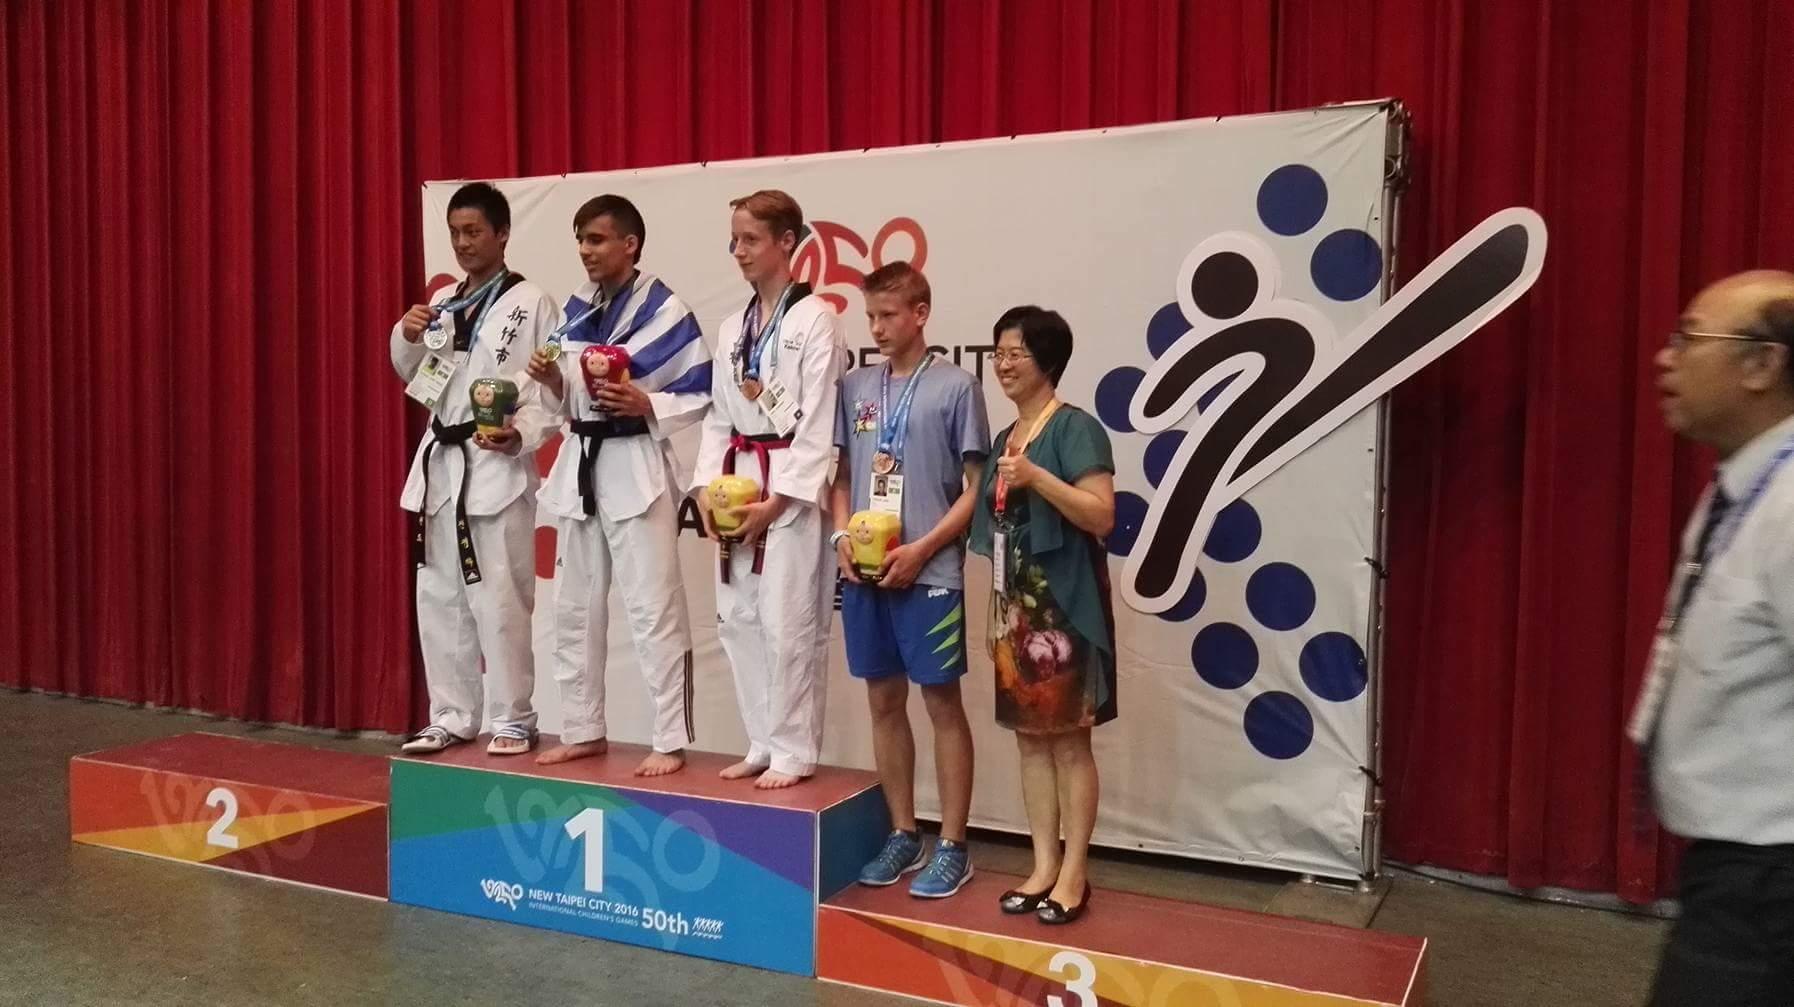 Jure Tozon ŠD Slavko Šlander iz Celja  -  3. Mesto borbe do 63 kg WTF Taekwondo